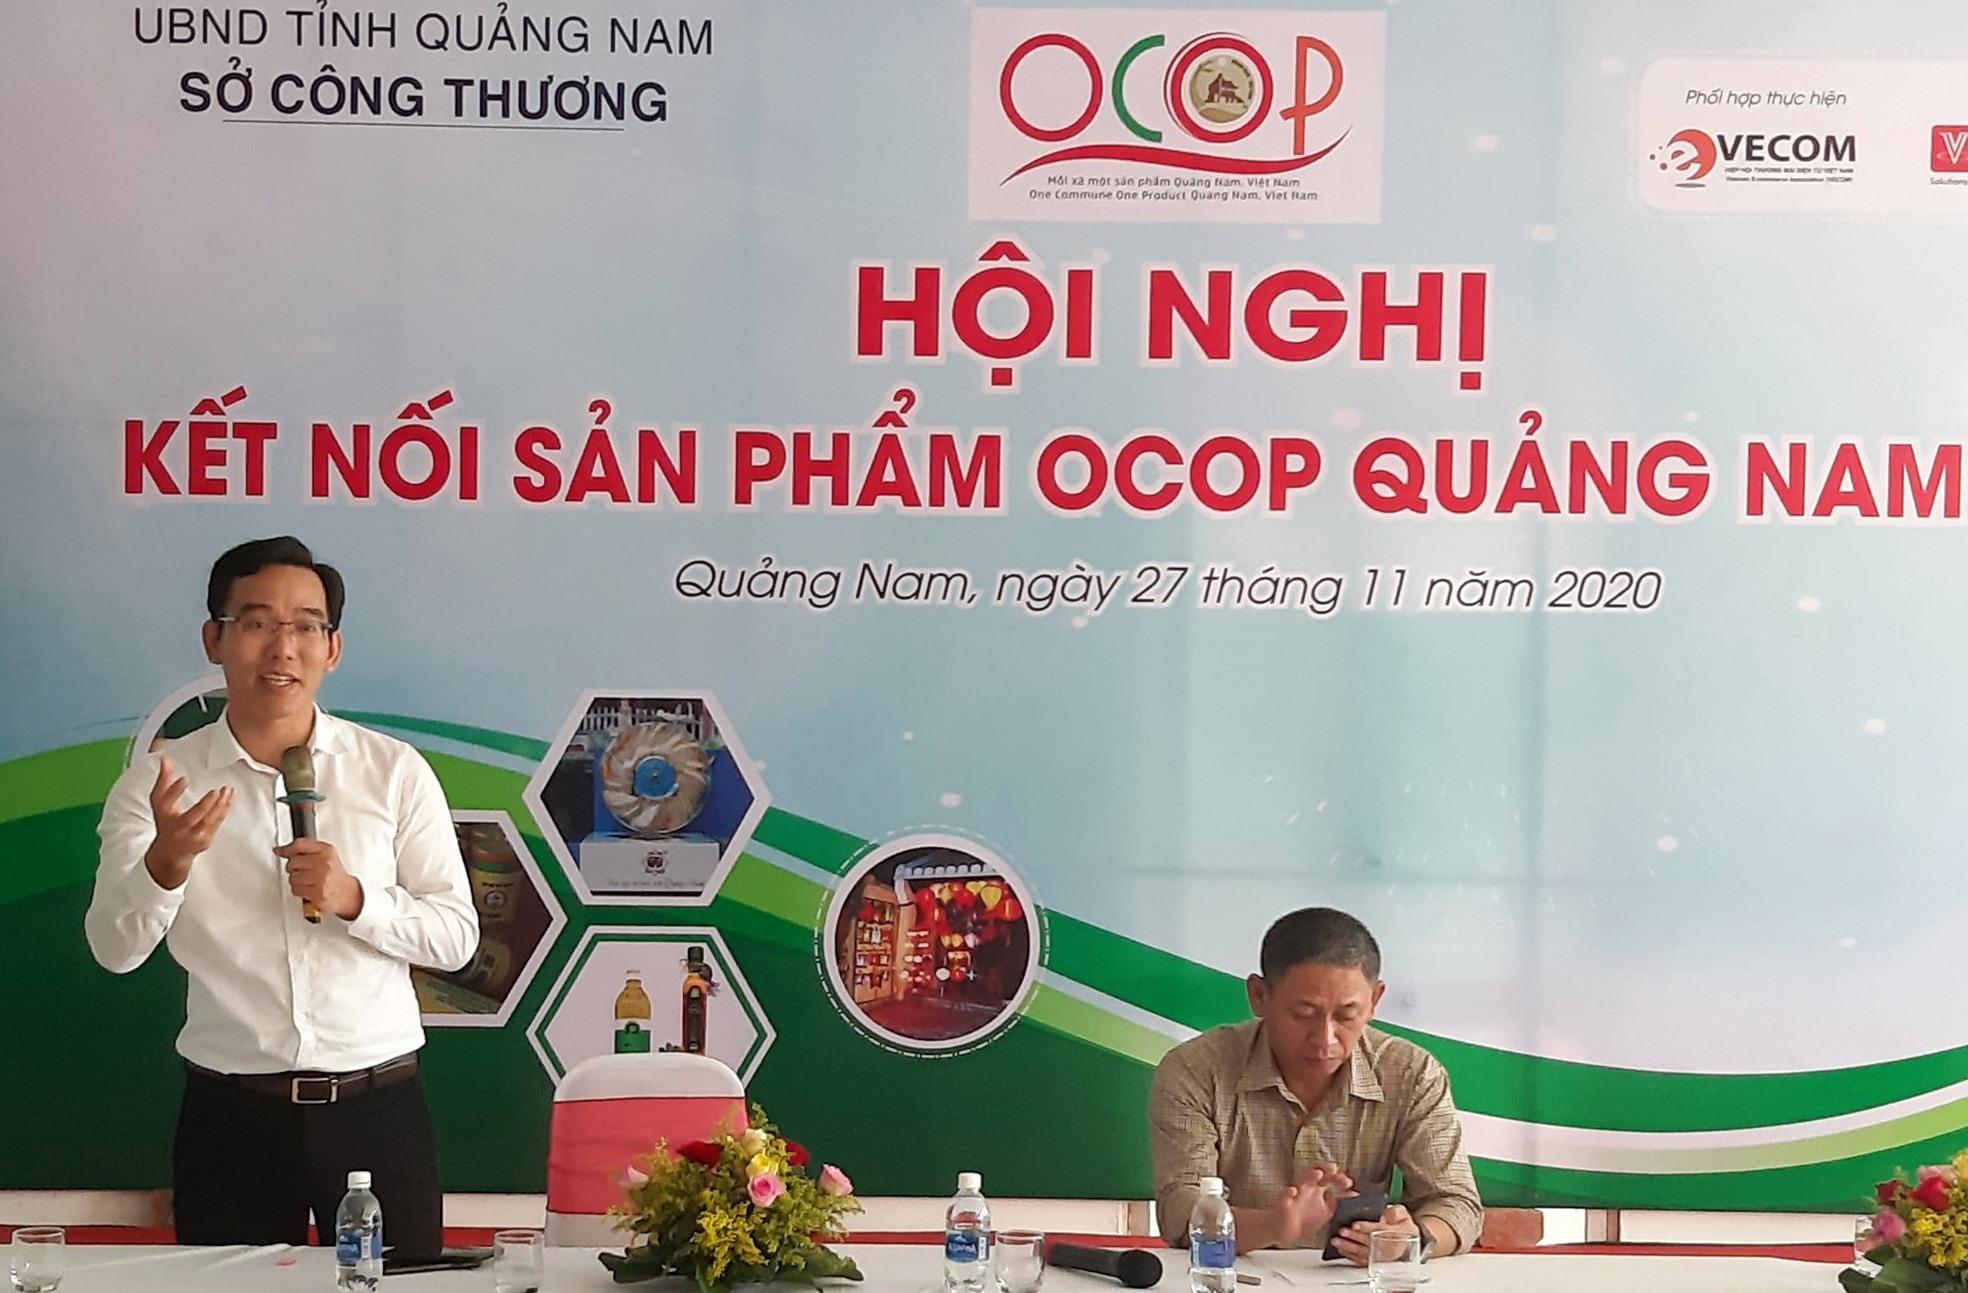 Chuyên gia trên lĩnh vực phát triển thị trường chia sẻ kinh nghiệm với các chủ thể sản phẩm OCOP. Ảnh: S.V